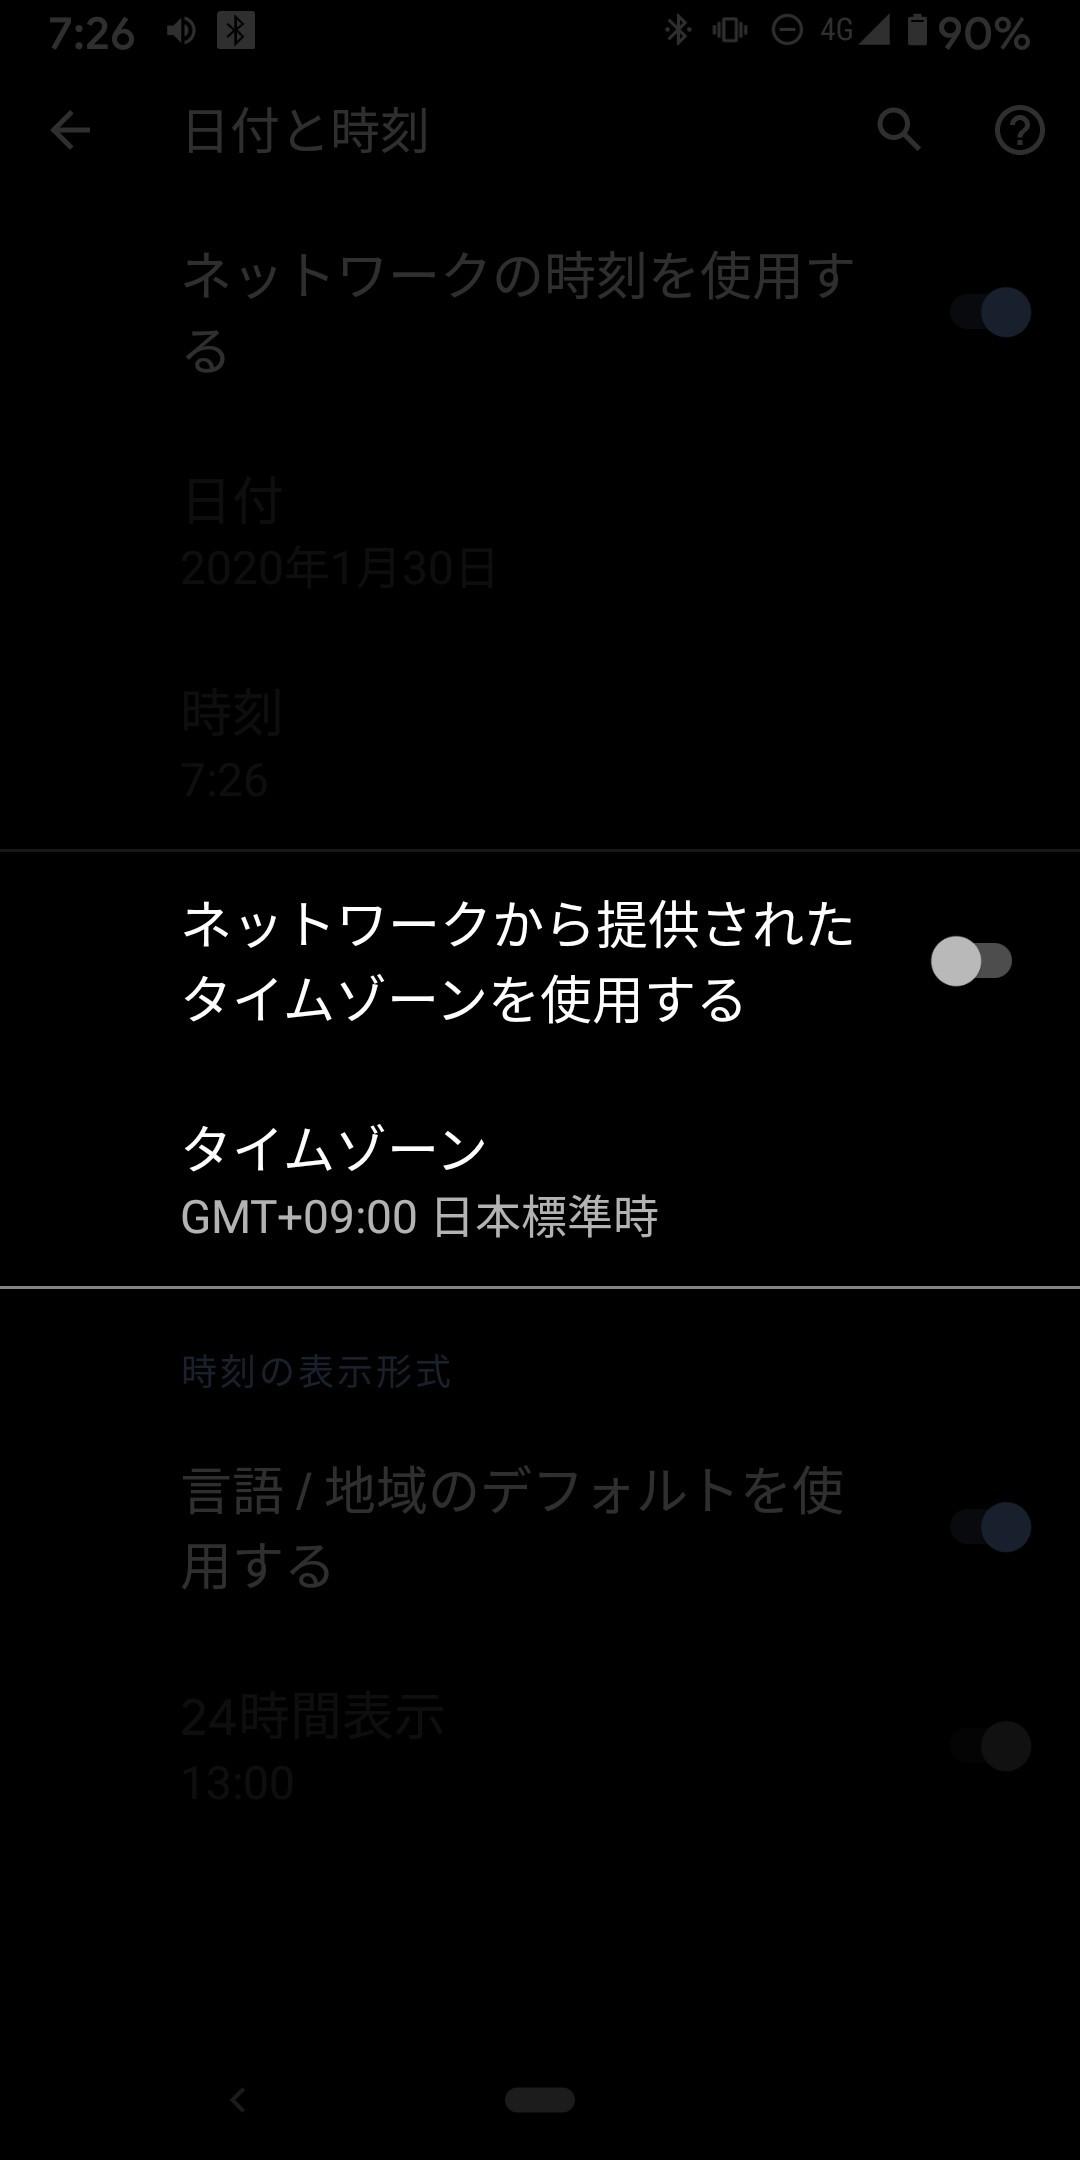 f:id:rakuda95:20200130074655j:image